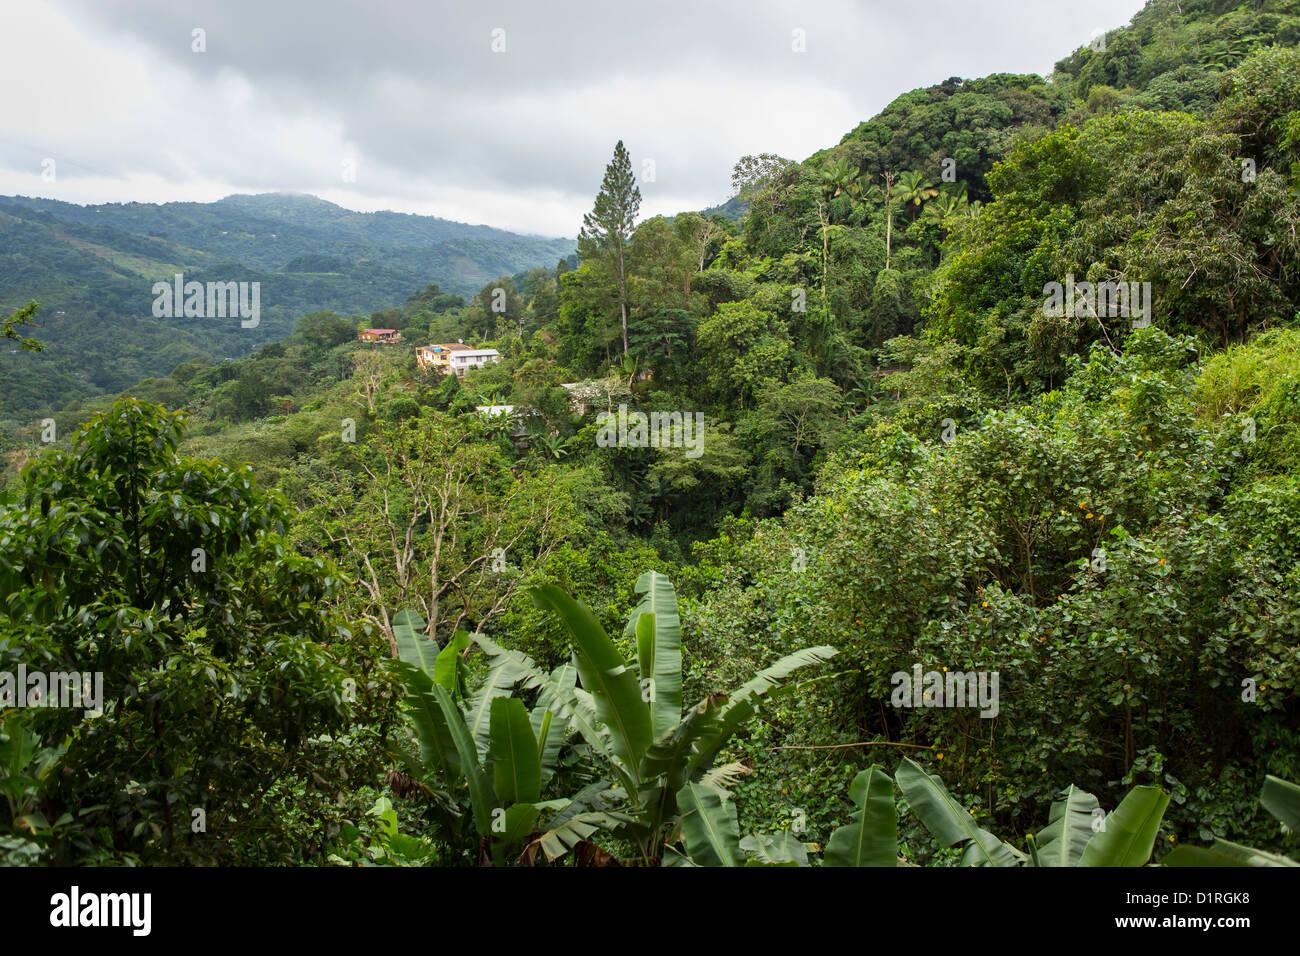 ADJUNTAS, PUERTO RICO - Casas en las montañas. Imagen De Stock